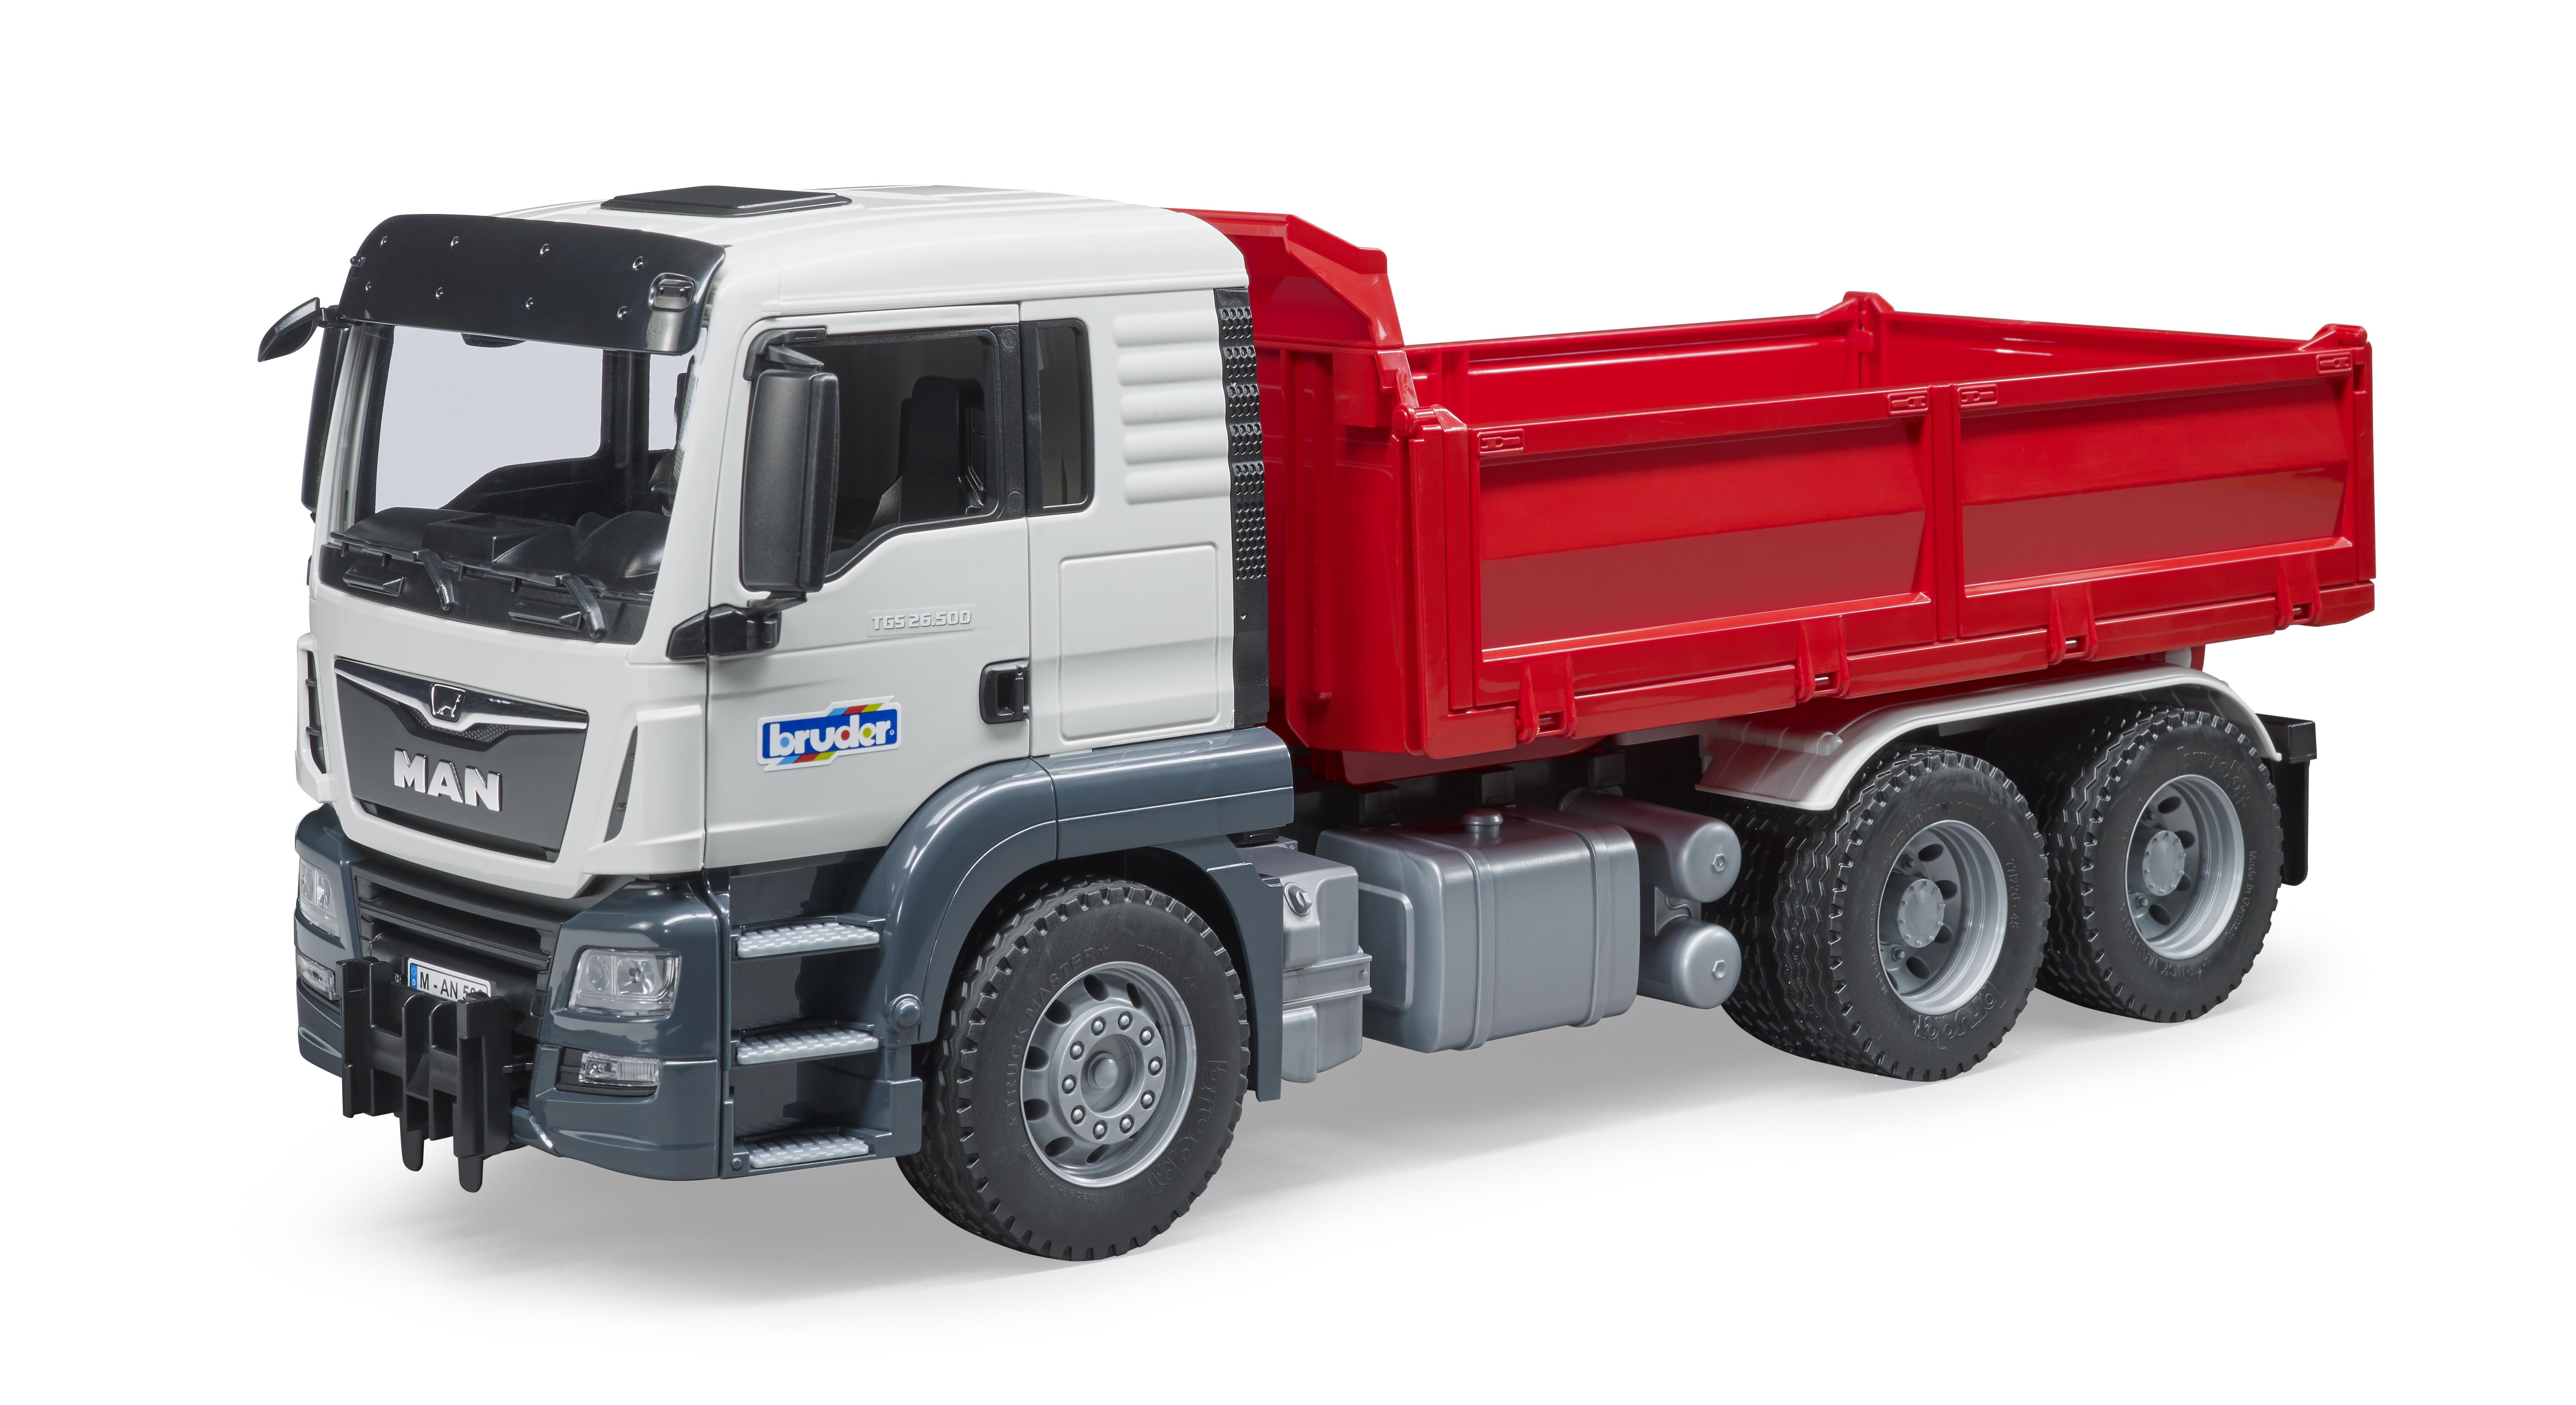 Bruder 02582 Pala lama spazzaneve con adattatori camion trattore 1:16